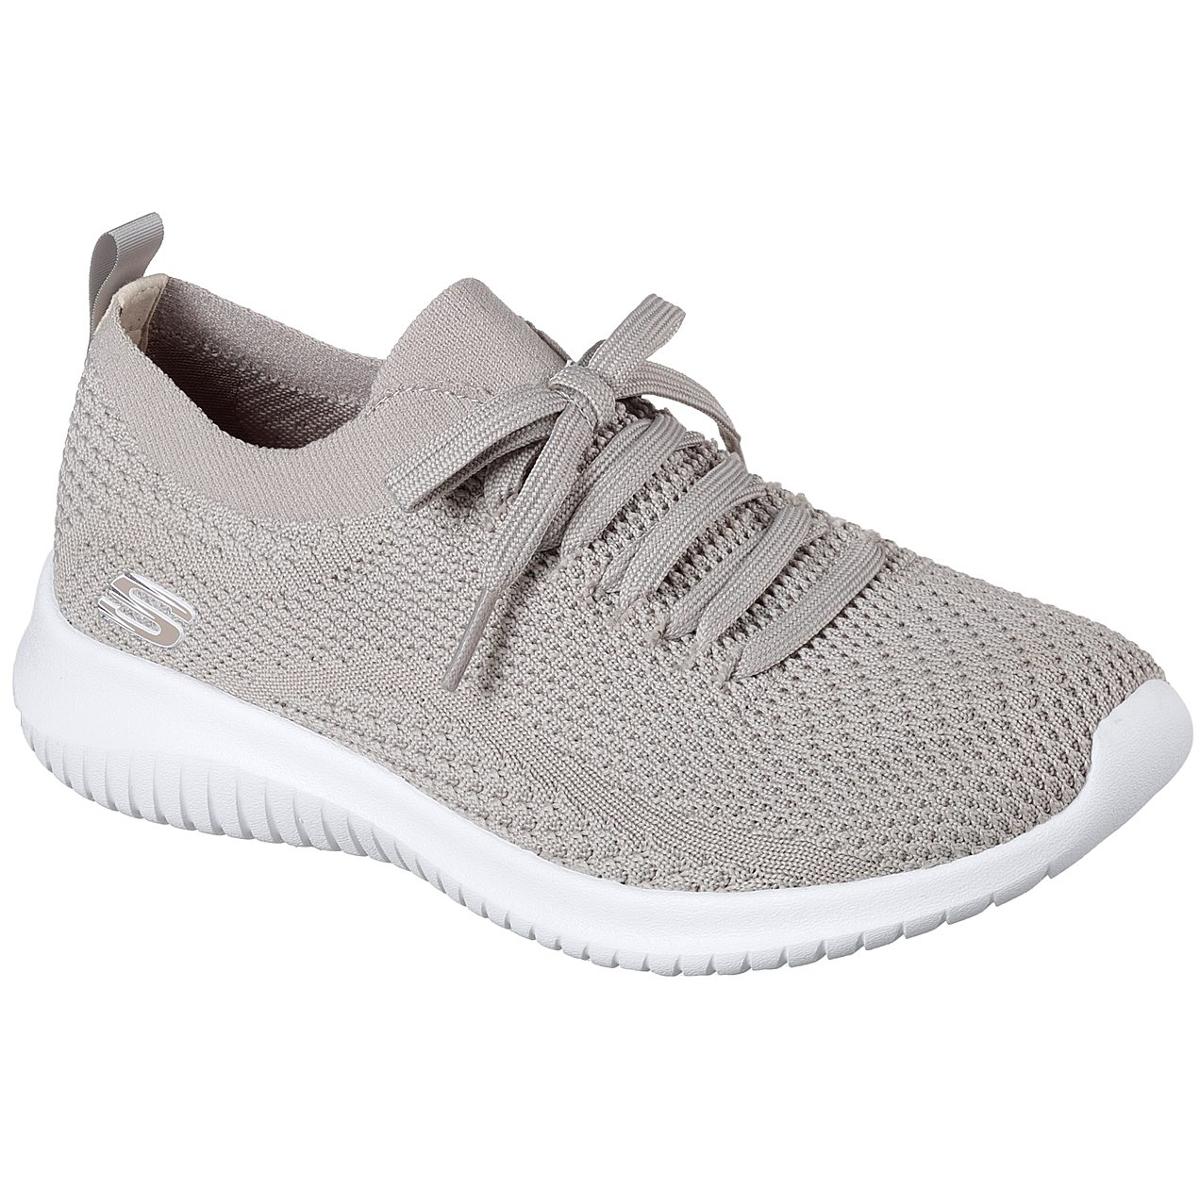 """Skechers Women's Ultra Flex A """" Statements Sneakers - Brown, 9"""